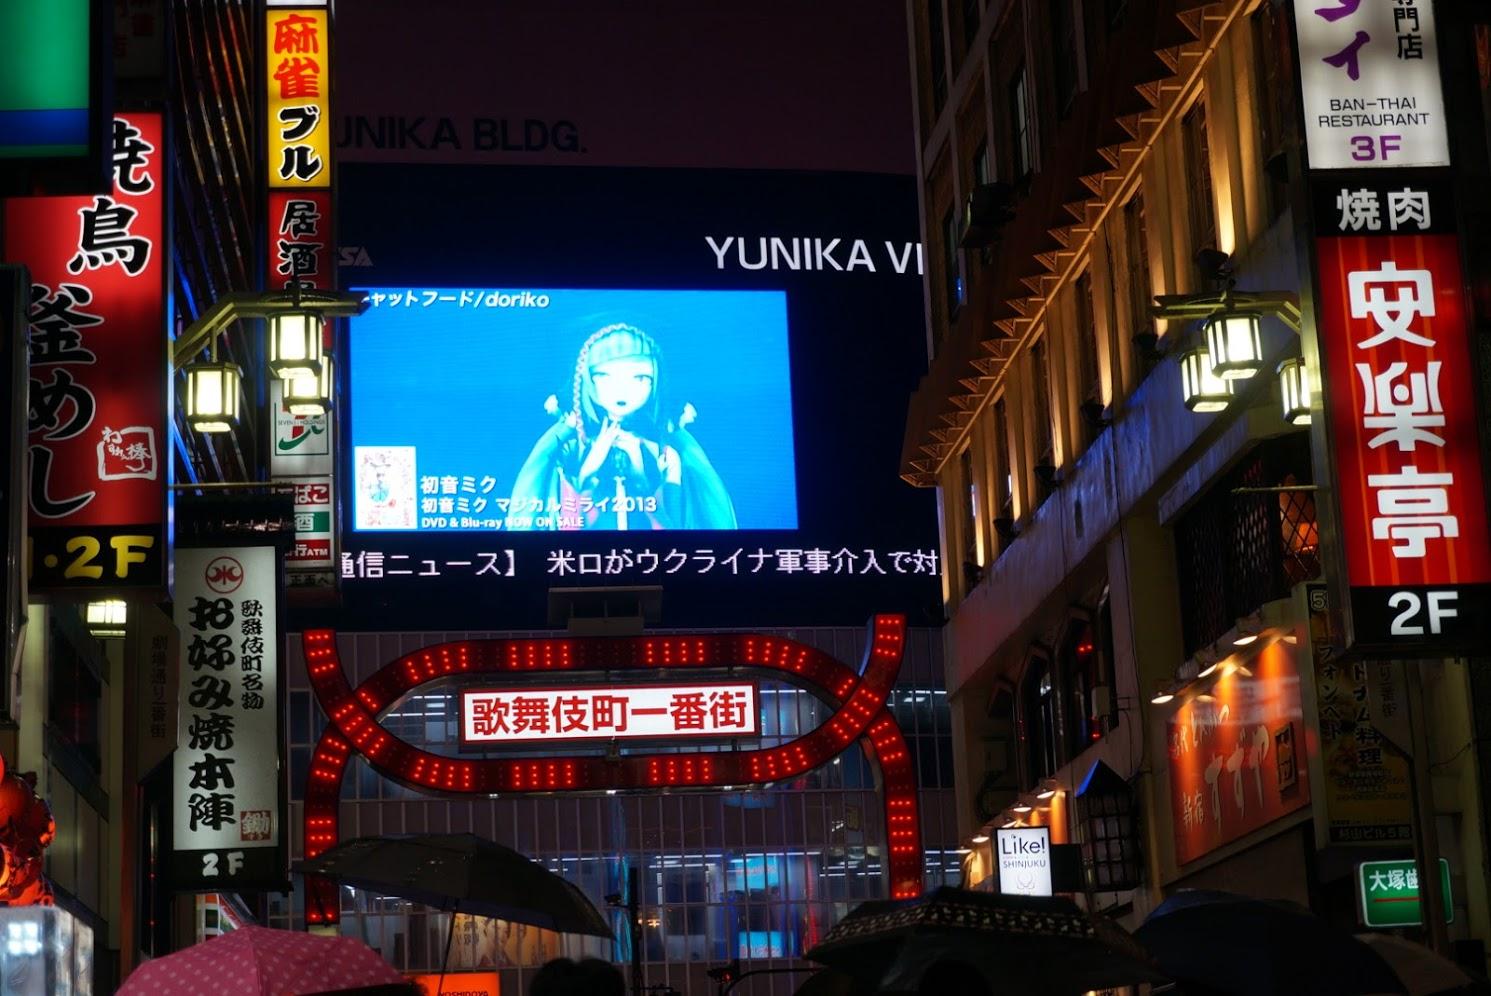 歌舞伎町一番街アーチとユニカビジョンに映る初音ミクさん